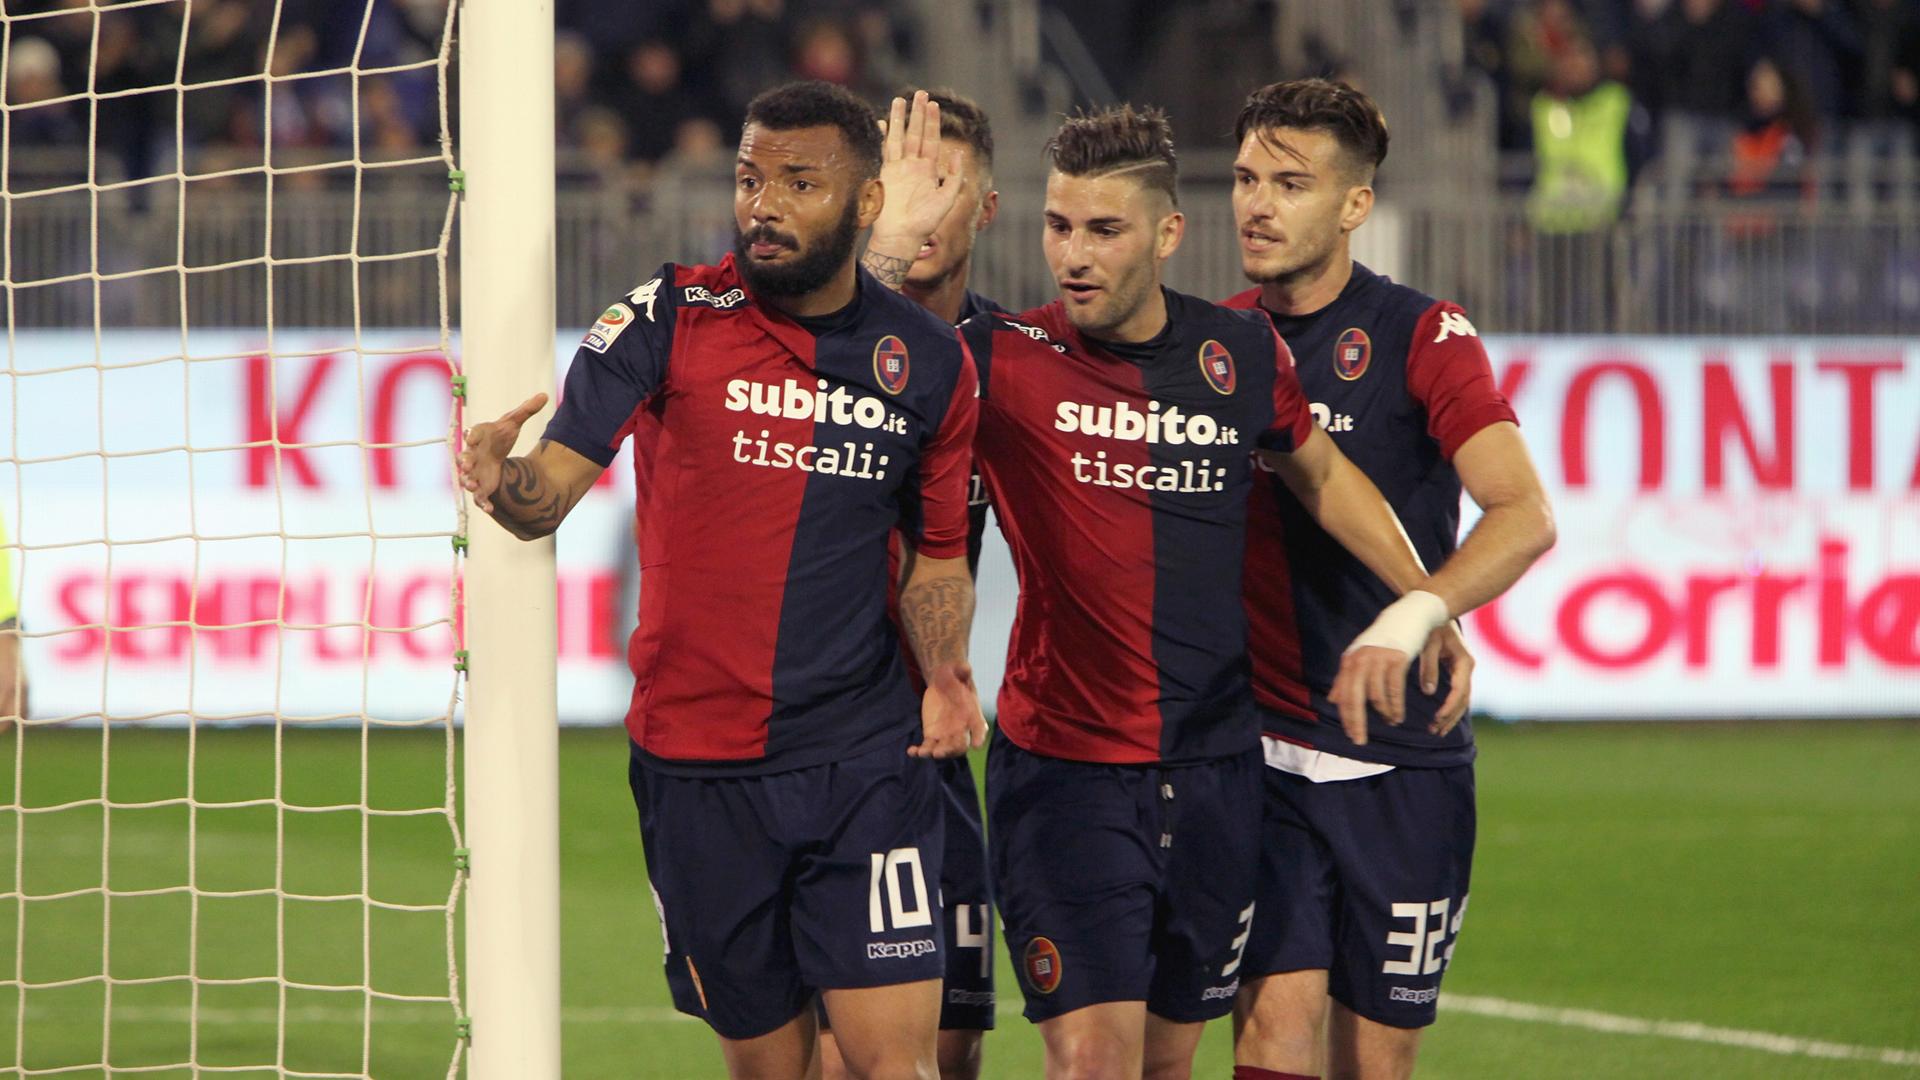 Cagliari-Ascoli 3-0, pesante stop per i bianconeri